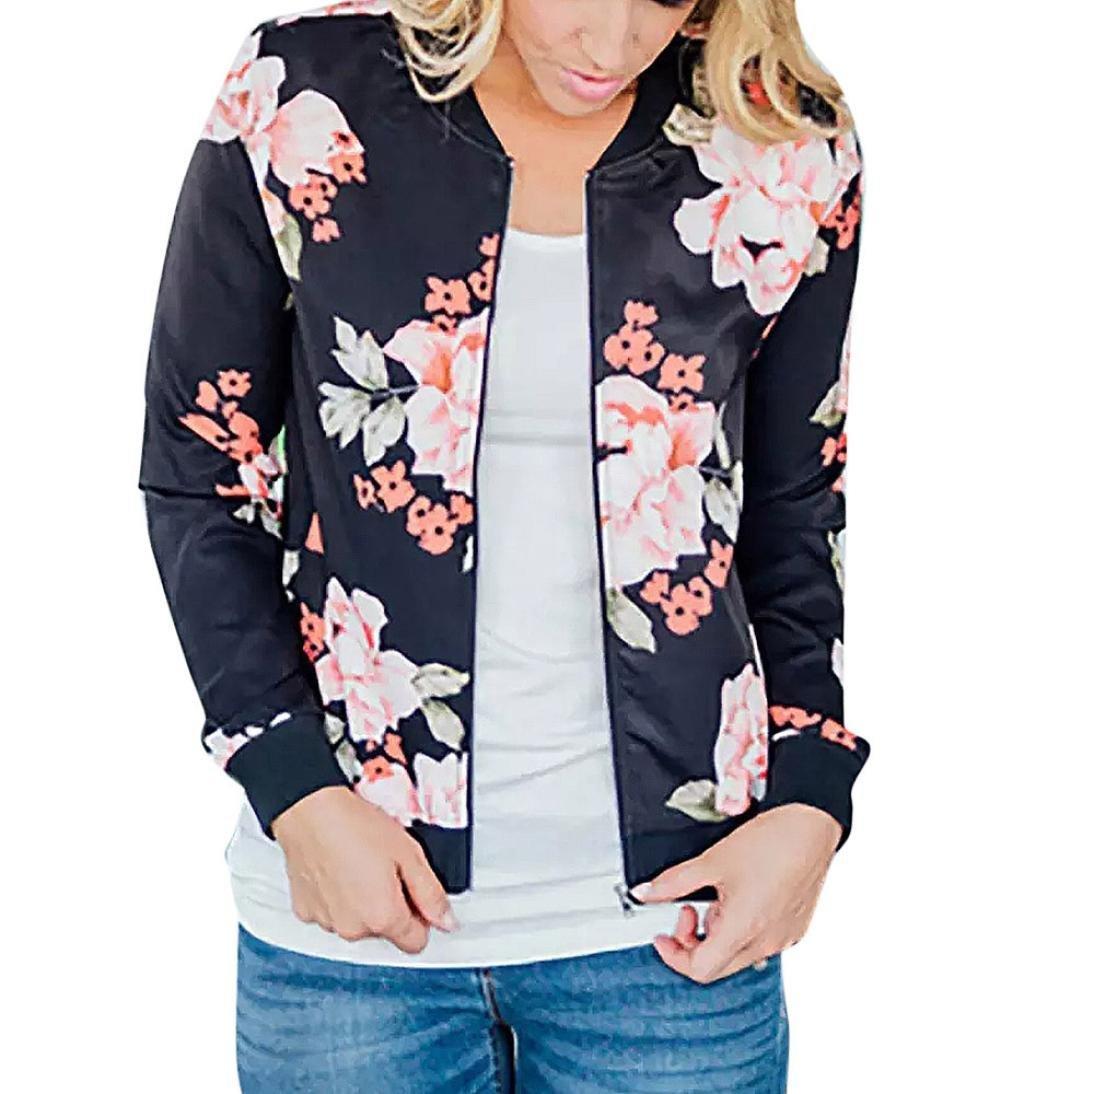 Mujer Vestido casual moda playa estilo Bohemian estampado,Sonnena Chaqueta de la gasa estampado Blusa de las mujeres de la manera impresión superior ...